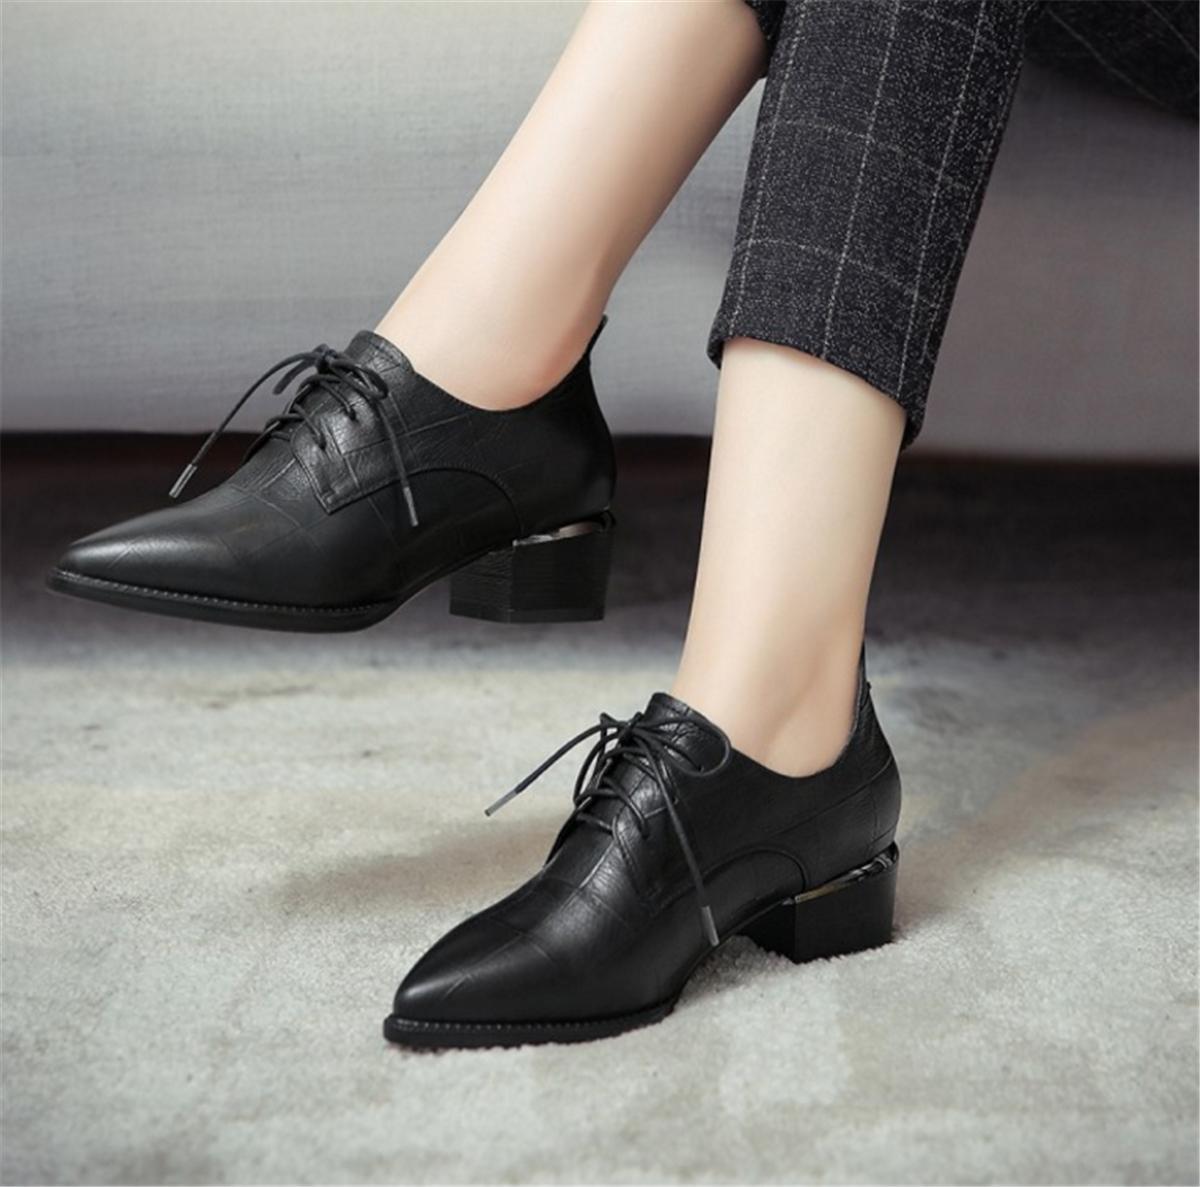 Damen Neue Single Schuhe Rough Rough Rough Niedrig Mid Heel Spitz Zehen Strappy Echt Leder Herbst Winter Party Arbeit , schwarz , EUR 38/ UK 5.5 - 105629